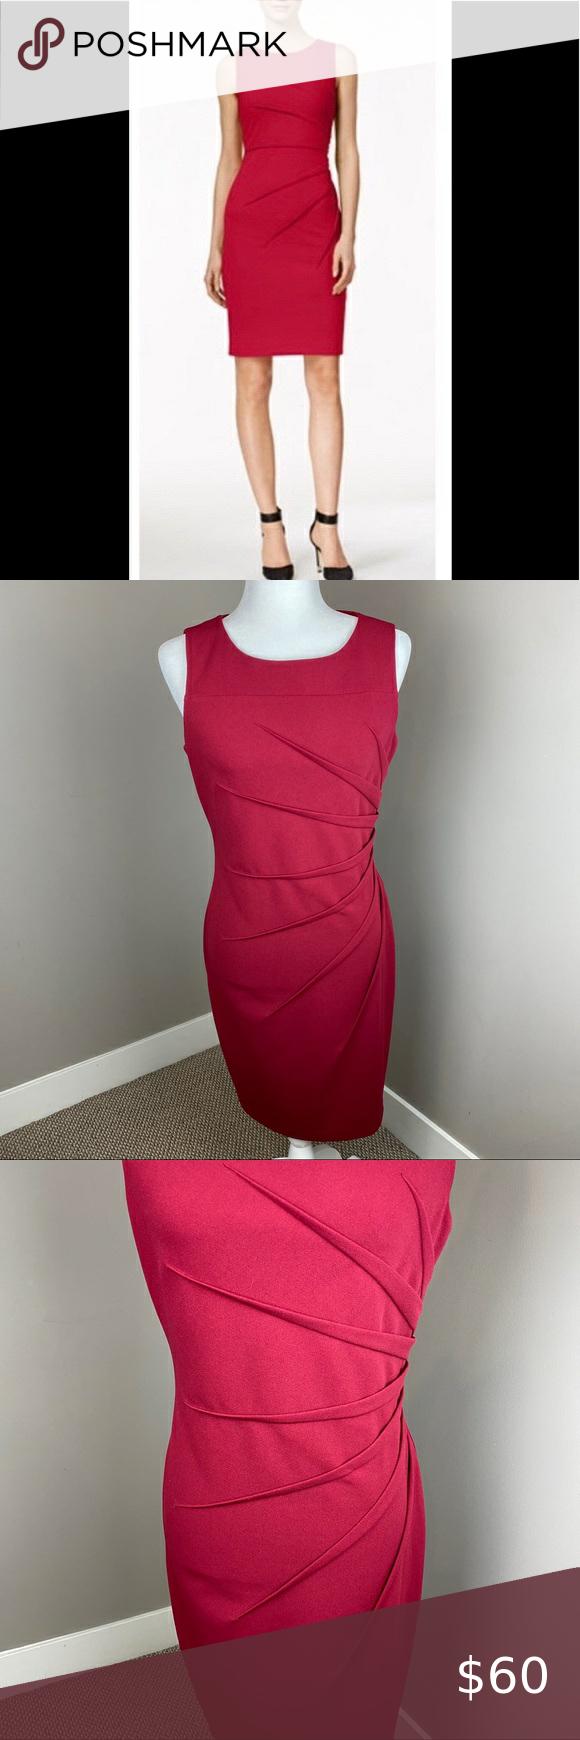 Calvin Klein Sunburst Side Ruched Sheath Dress In 2020 Calvin Klein Sheath Dress Calvin Klein Dress